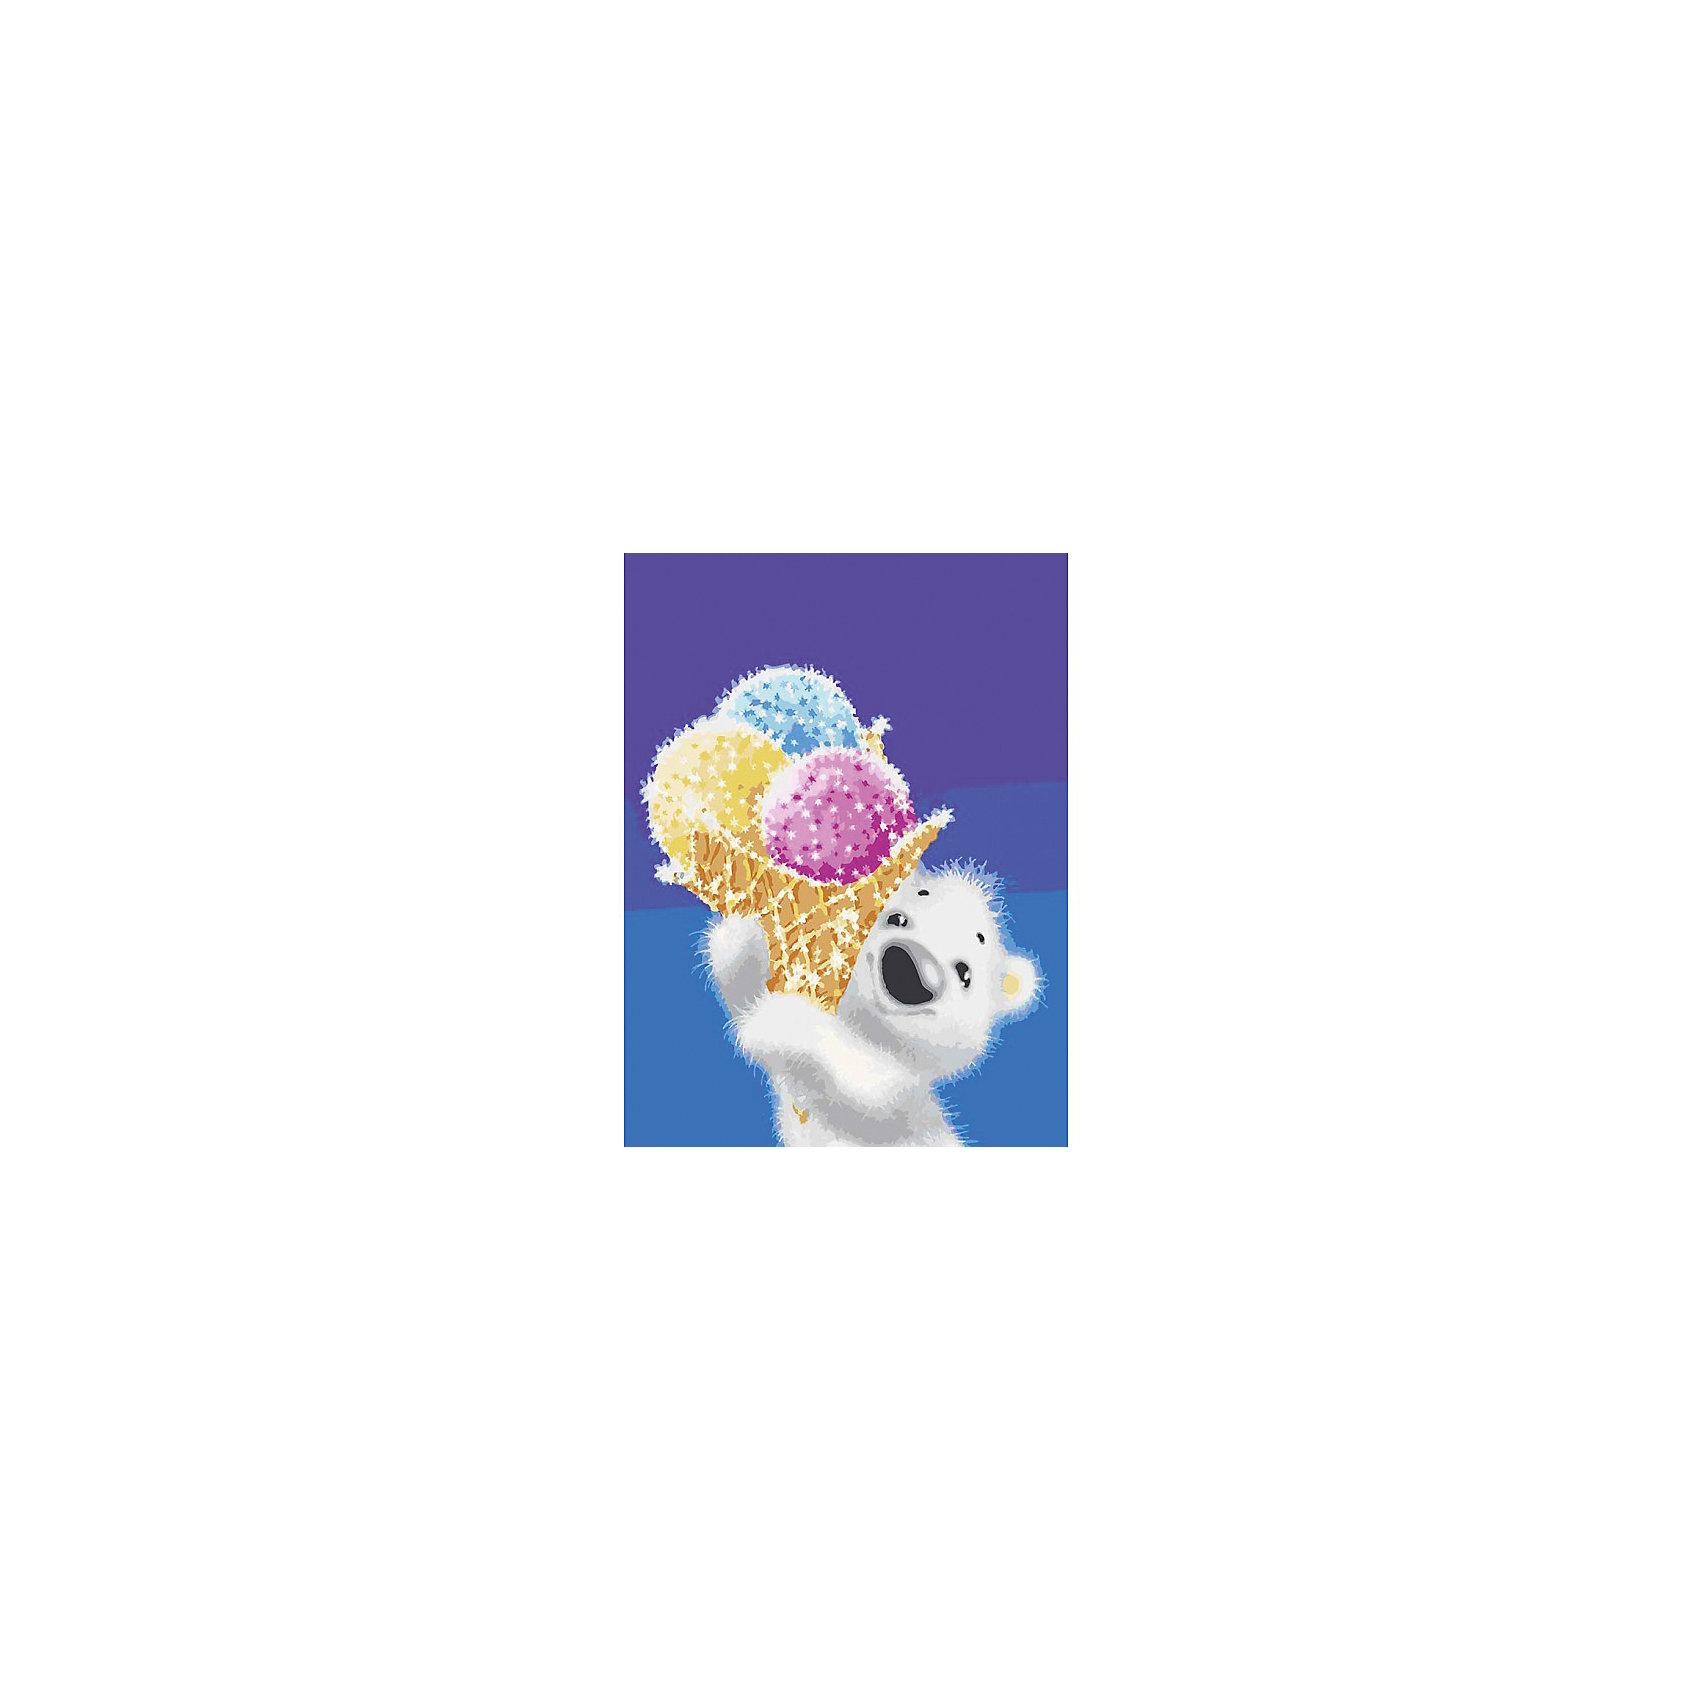 Живопись на холсте 30*40 см Медвежонок с мороженымРисование<br>Характеристики товара:<br><br>• цвет: разноцветный<br>• материал: акрил, картон<br>• размер: 30 x 40 см<br>• комплектация: полотно на подрамнике с контурами рисунка, пробный лист с рисунком, набор акриловых красок, три кисти, крепление на стену для картины<br>• для детей от шести лет и взрослых<br>• не требует специальных навыков<br>• страна бренда: Китай<br>• страна изготовитель: Китай<br><br>Рисование - это занятие, которое любят многие дети и взрослые. Оно помогает развить важные навыки и просто приносит удовольствие! Чтобы вселить в ребенка уверенность в своих силах, можно предложить ему этот набор - в нем уже есть сюжет, контуры рисунка и участки с номерами, которые обозначают определенную краску из набора. Все оттенки уже готовы, задача художника - аккуратно, с помощью кисточек из набора, нанести краски на определенный участок полотна.<br>Взрослым также понравится этот процесс, рисовать можно и вместе с малышом! В итоге получается красивая картина, которой можно украсить интерьер. Рисование способствует развитию мелкой моторики, воображения, цветовосприятия, творческих способностей и усидчивости. Набор отлично проработан, сделан из качественных и проверенных материалов, которые безопасны для детей. Краски - акриловые, они быстро сохнут и легко смываются с кожи.<br><br>Живопись на холсте 30*40 см Медвежонок с мороженым от торговой марки Белоснежка можно купить в нашем интернет-магазине.<br><br>Ширина мм: 410<br>Глубина мм: 310<br>Высота мм: 25<br>Вес г: 567<br>Возраст от месяцев: 72<br>Возраст до месяцев: 144<br>Пол: Унисекс<br>Возраст: Детский<br>SKU: 5089647